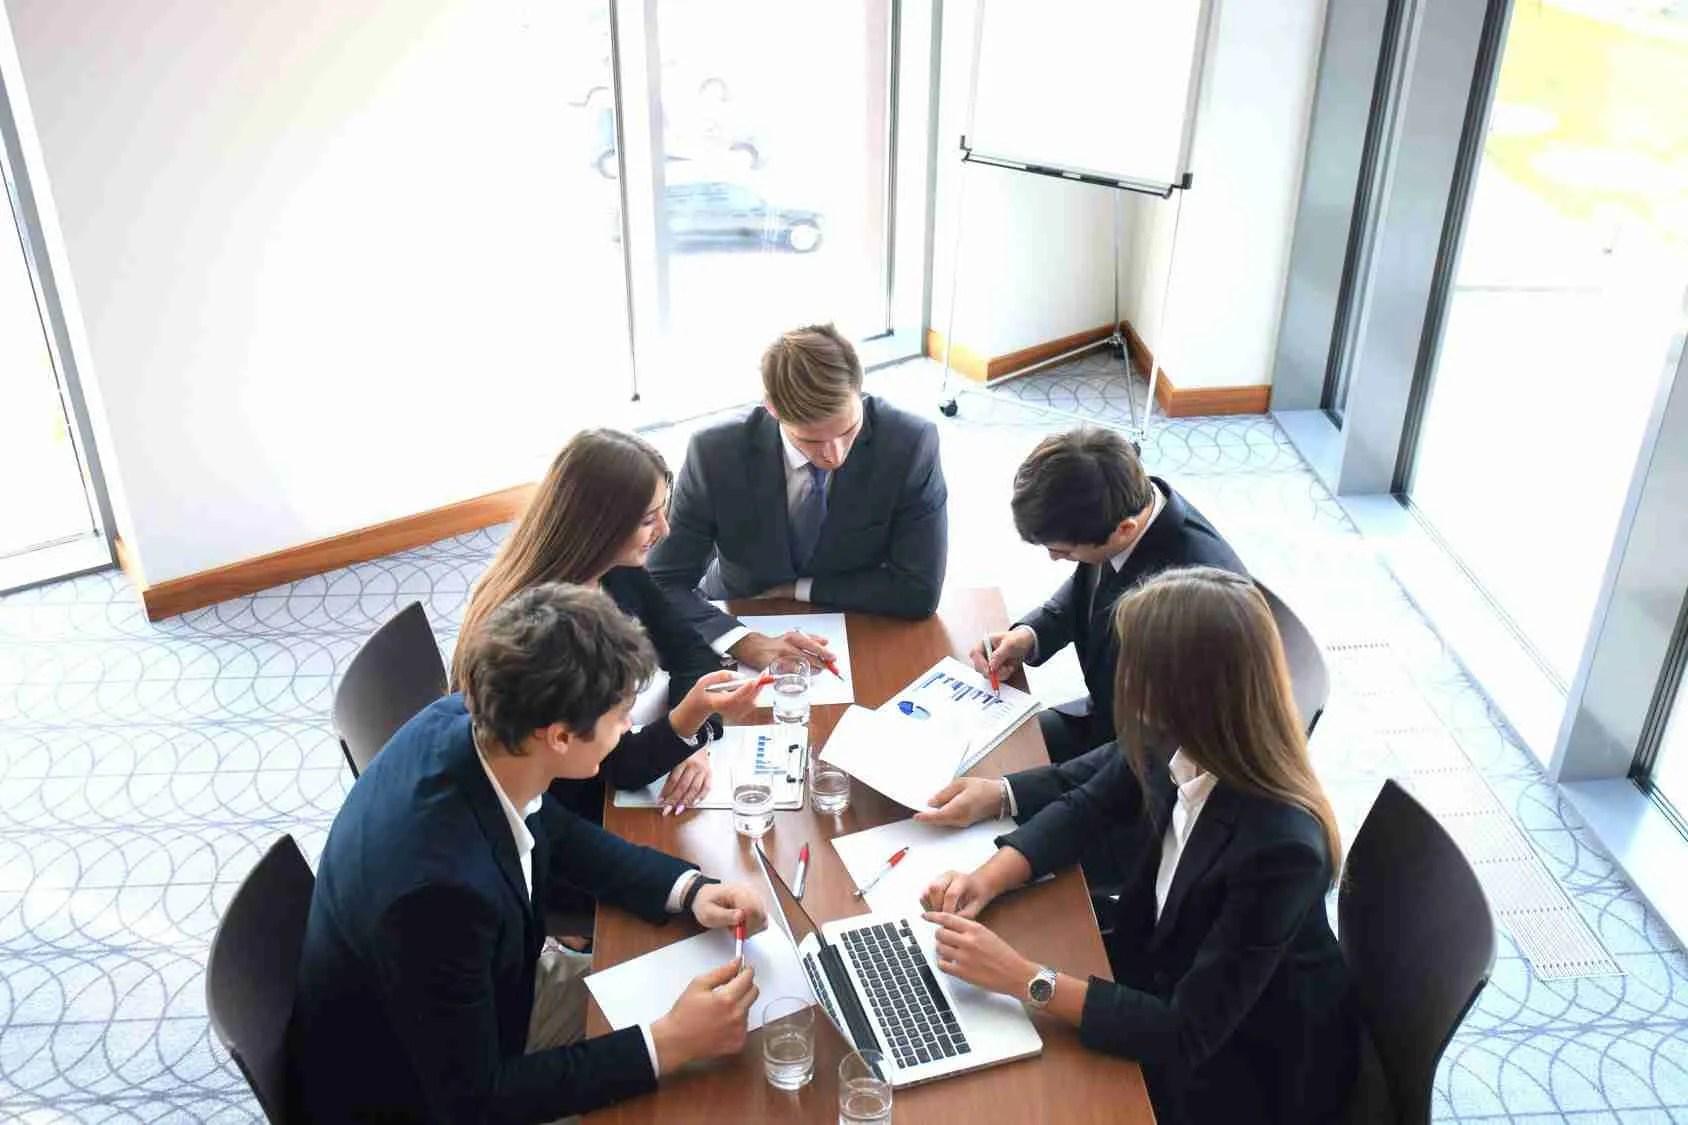 Ufficio Legale Esterno Studio Legale Internazionale